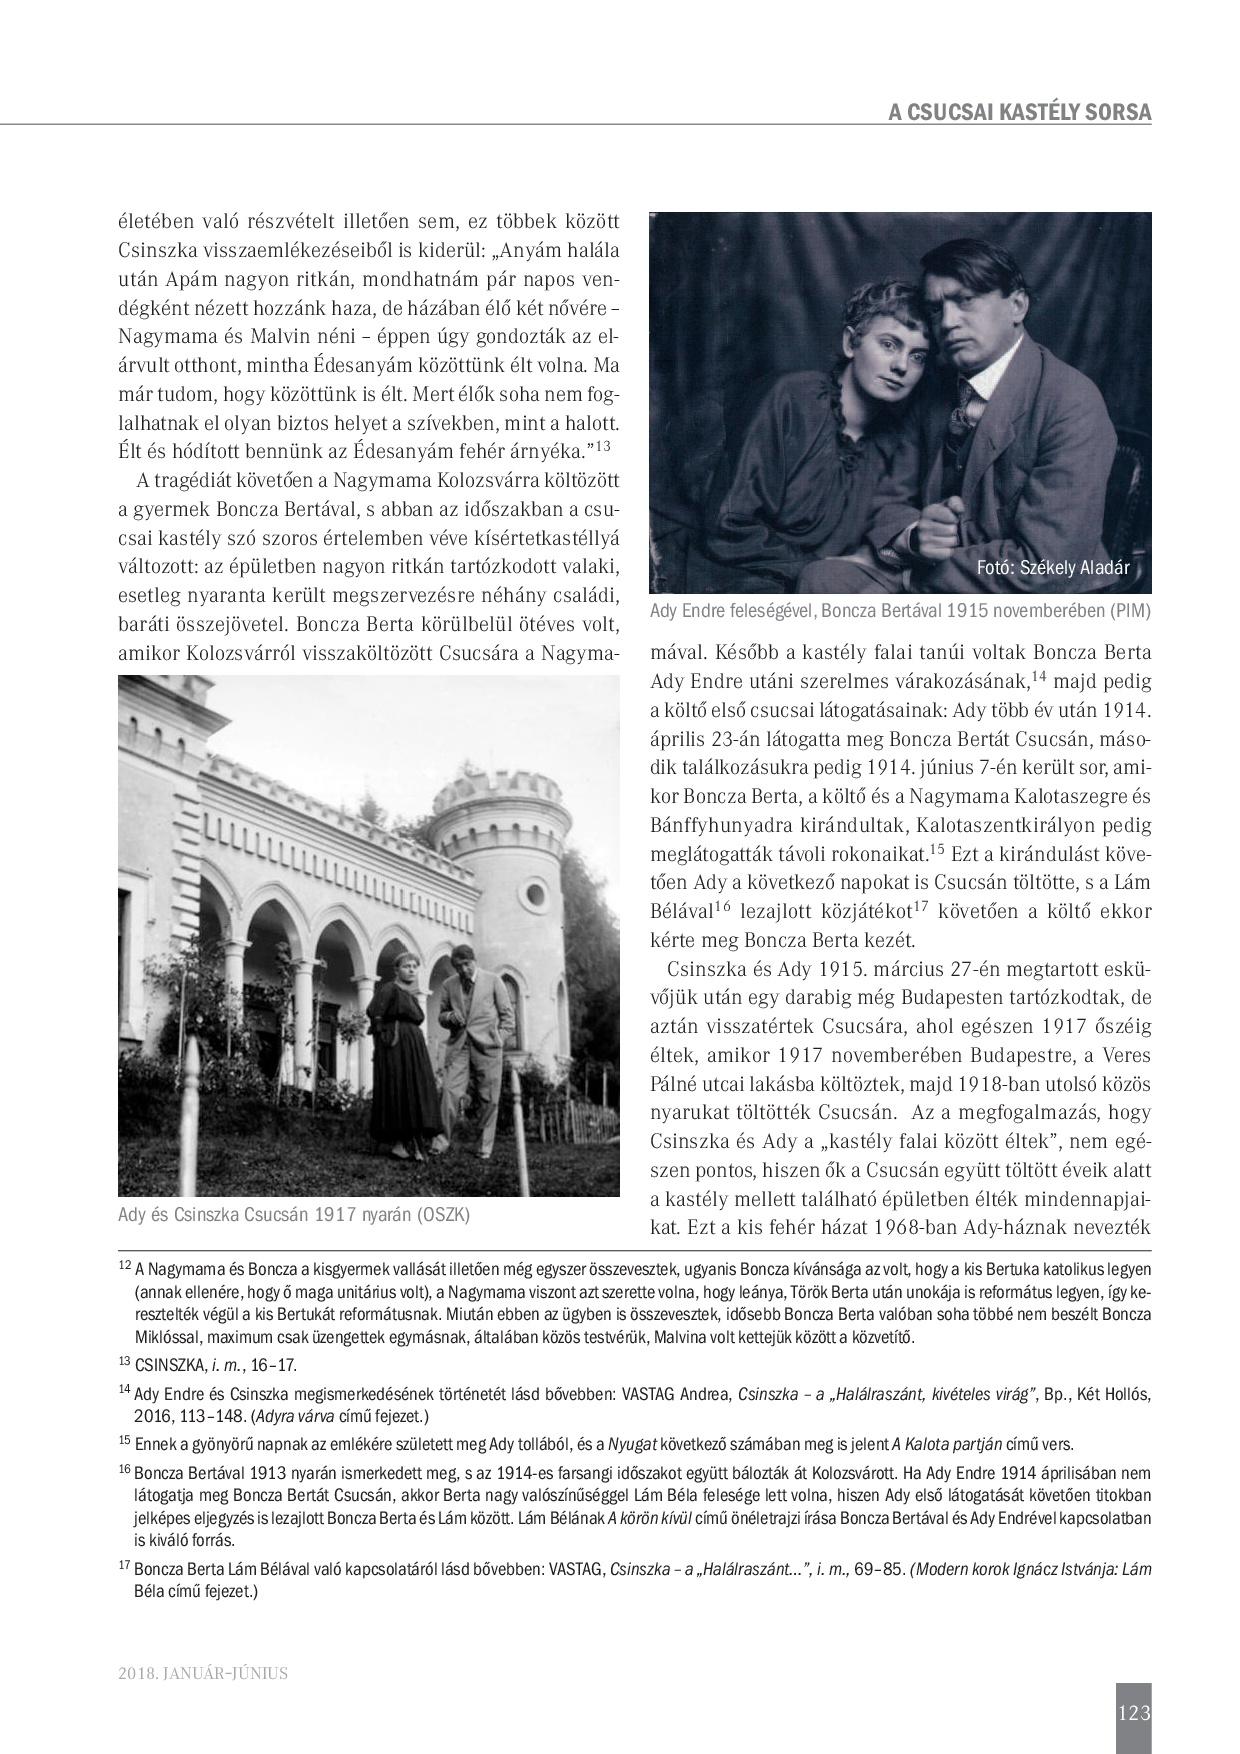 trianoni_szemle_pdf_1_-003.jpg